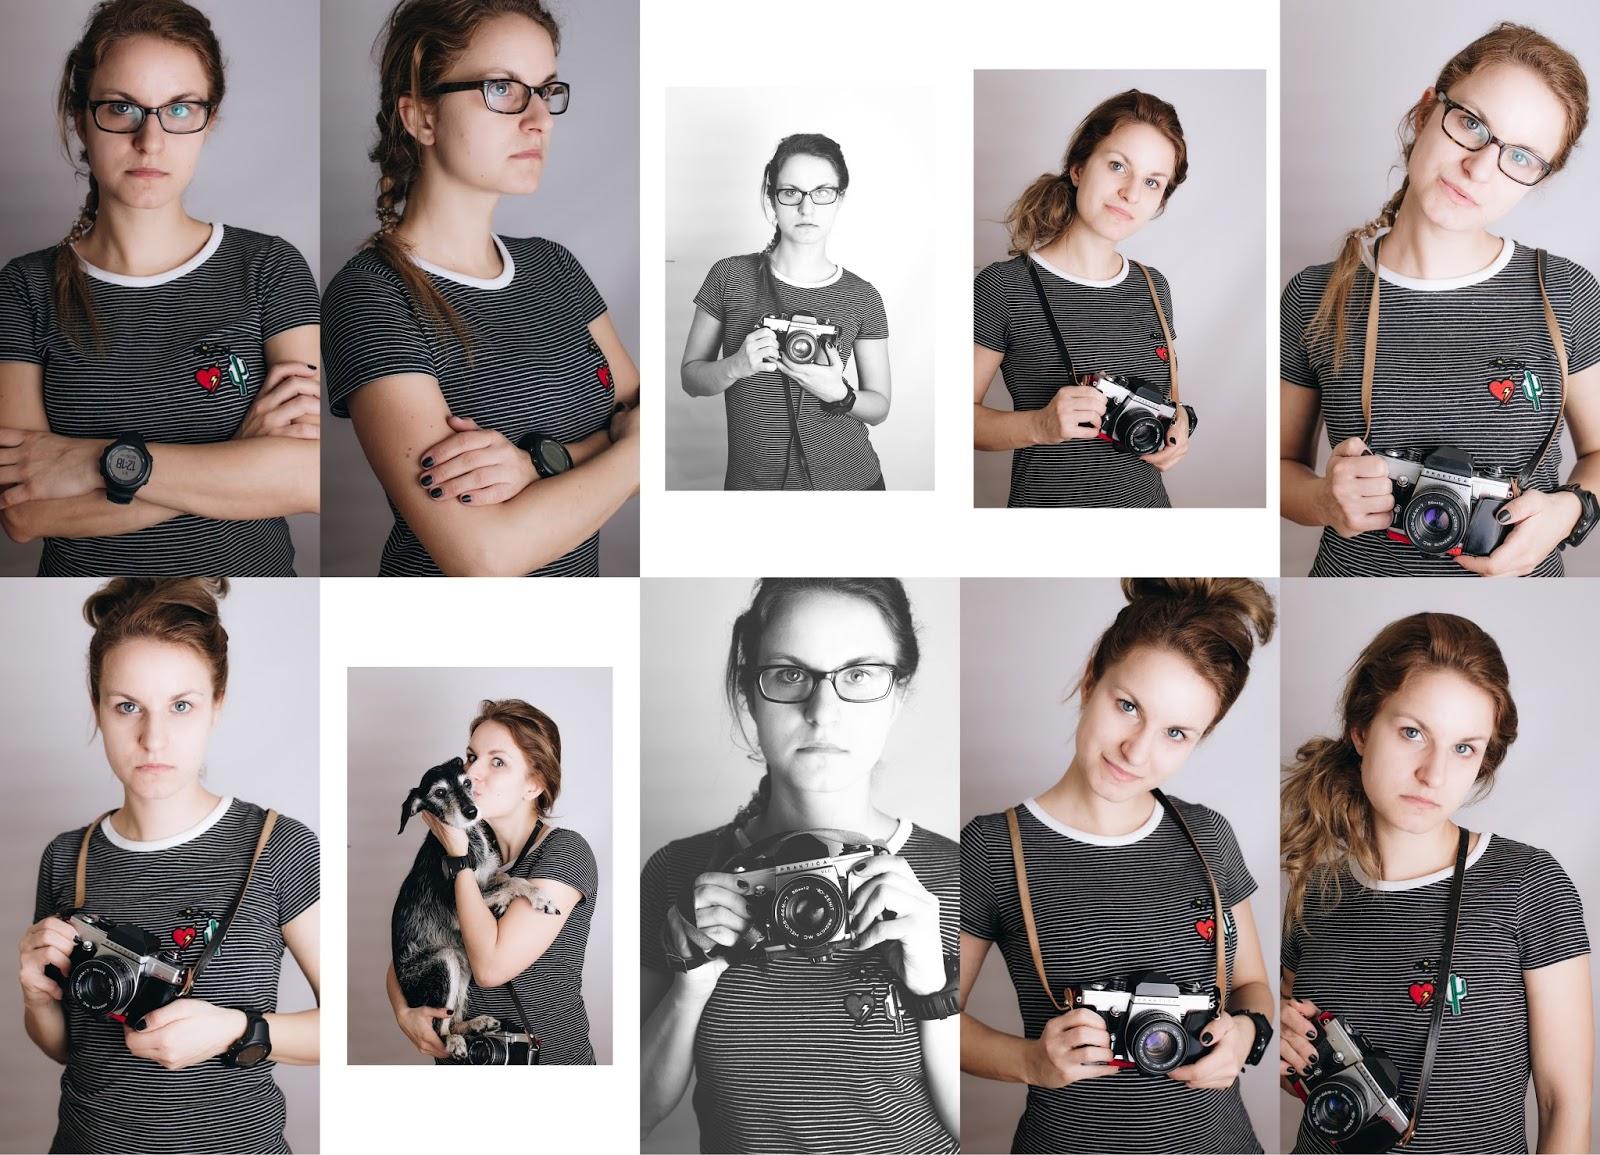 pani fotograf portret własny